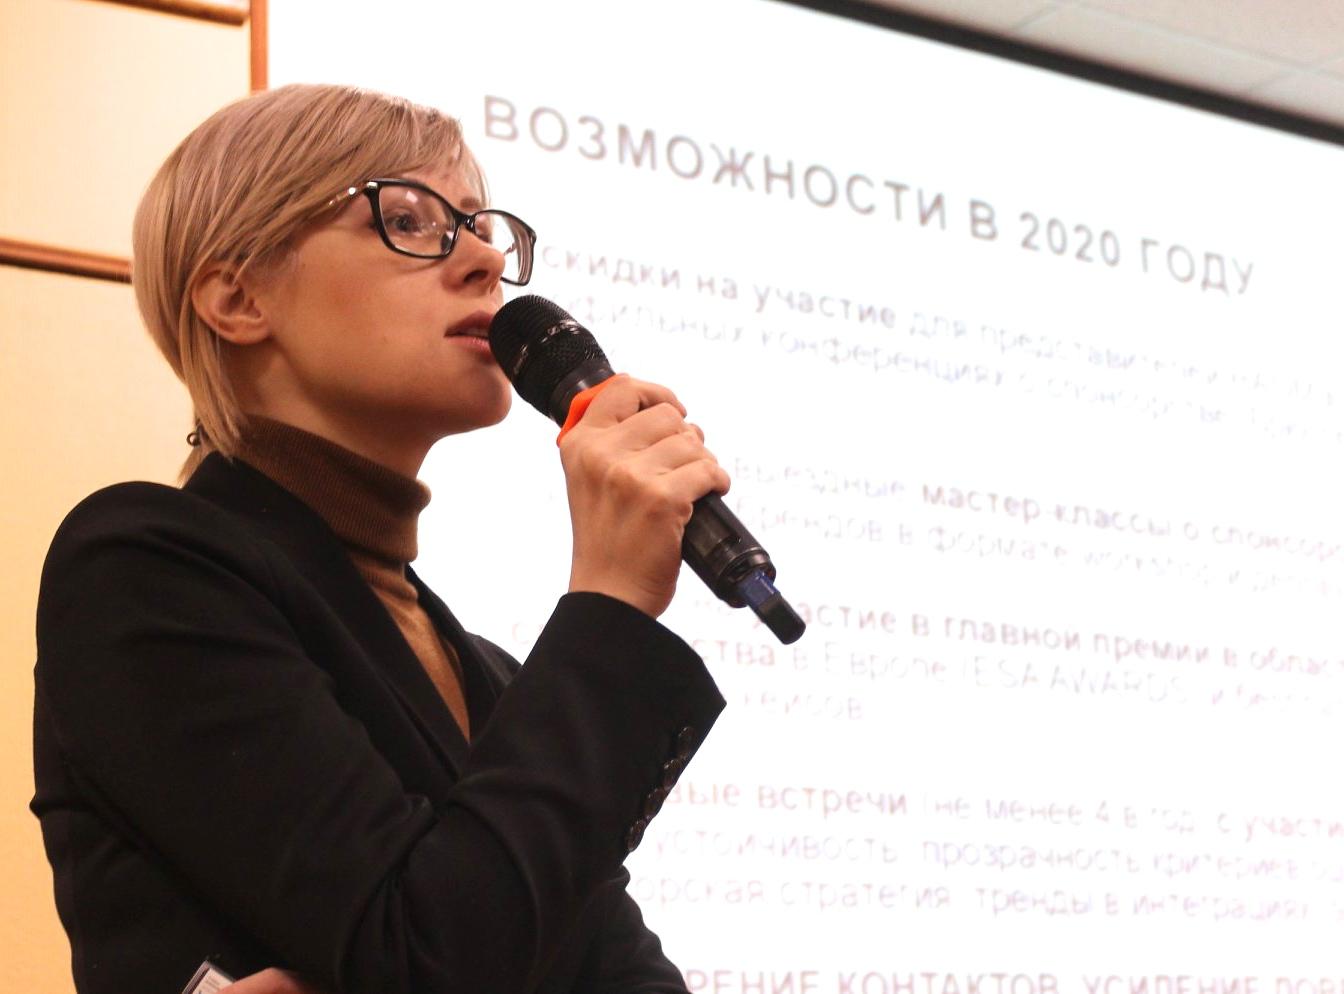 Евгения Мальцева: «Если спонсорство не меняет социальный ландшафт территории, оно уже не воспринимается экспертами как полноценное»